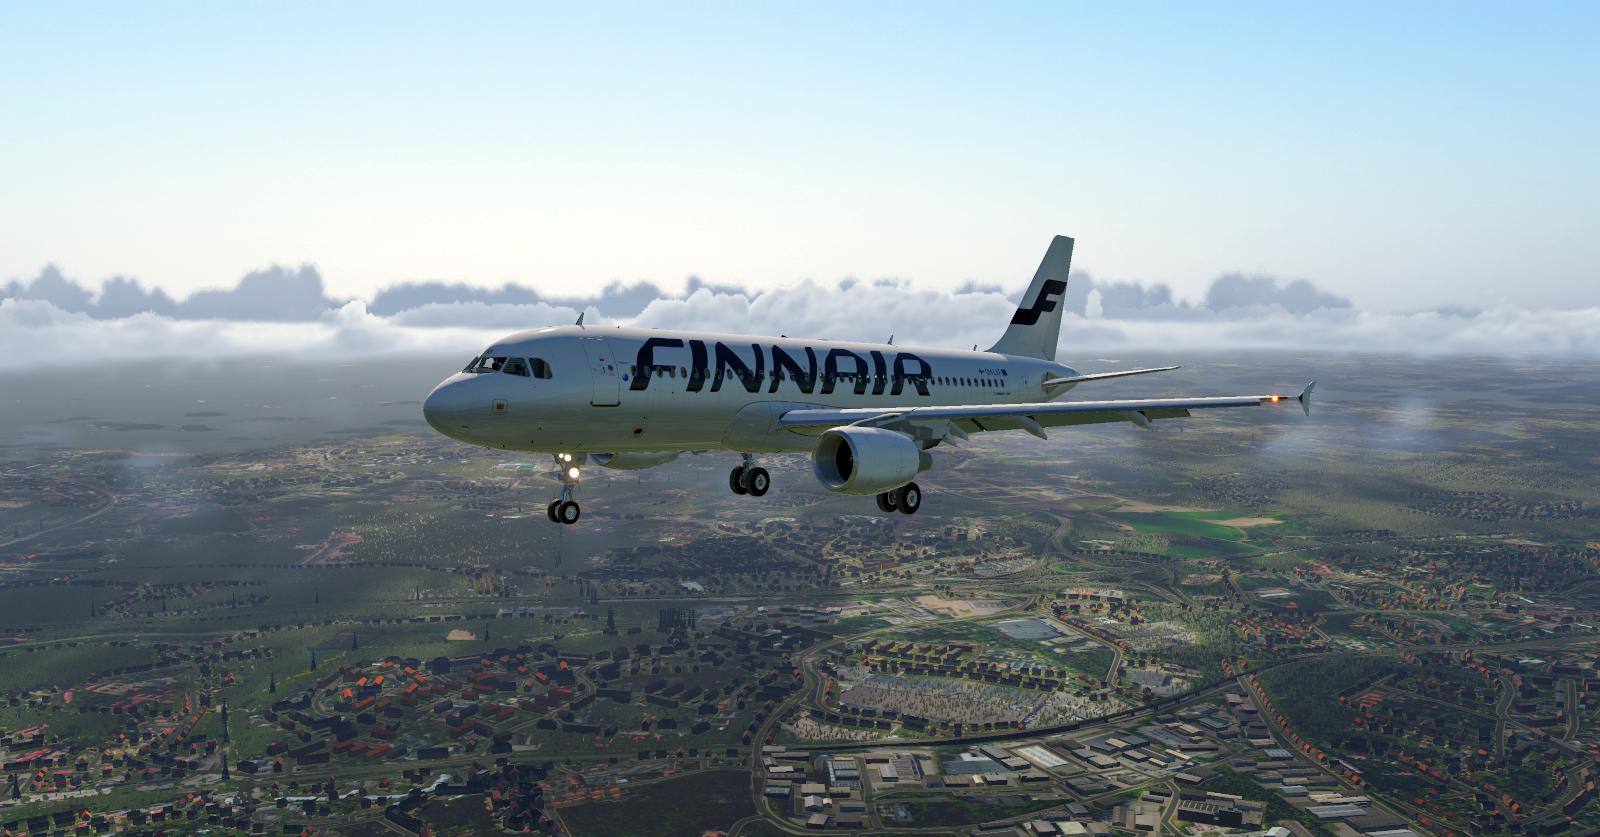 finnair.png.22f8ce2cdd95dd188e68b532c9b1adb6.png